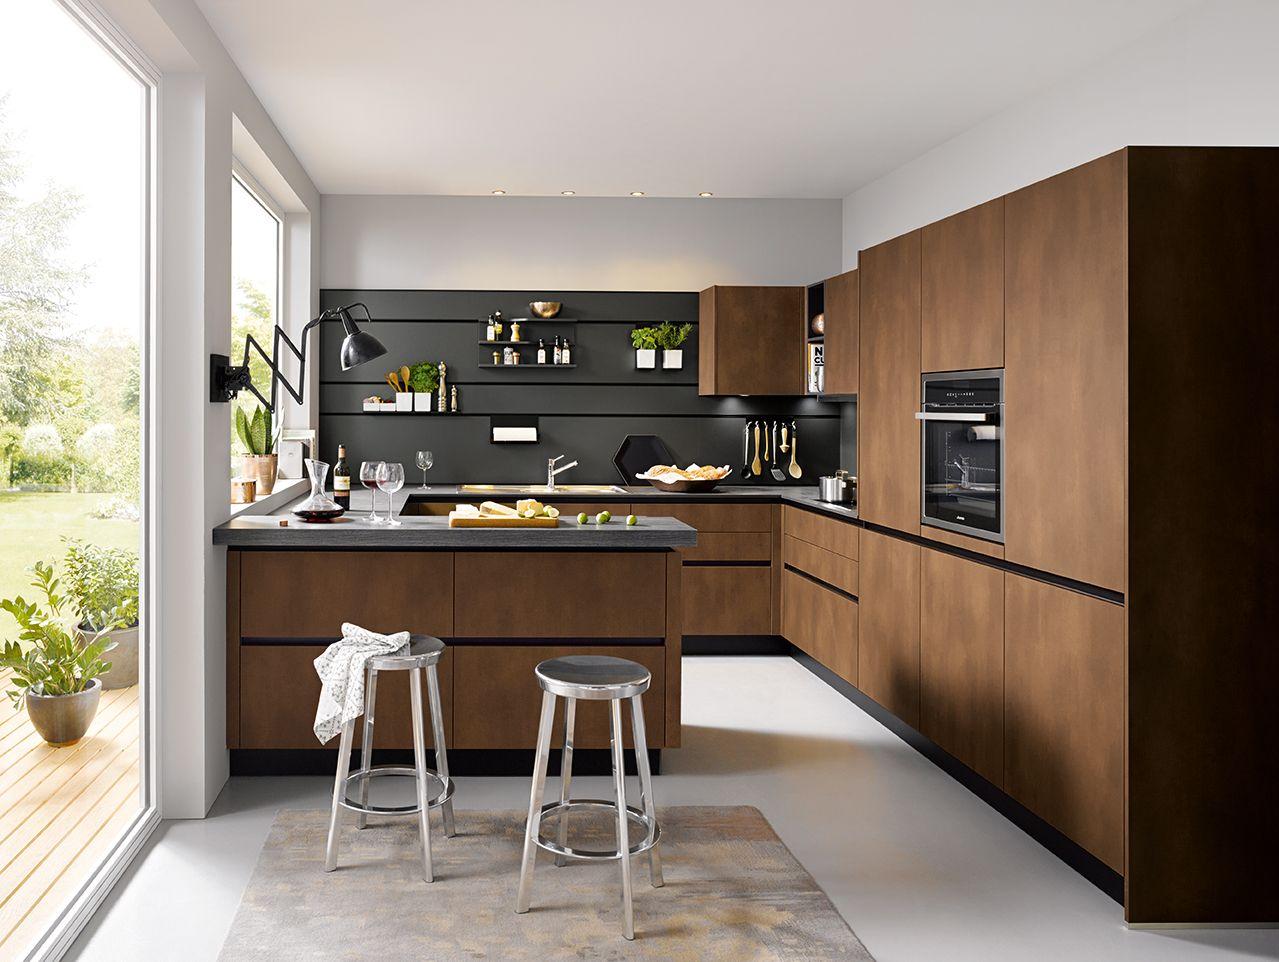 Modern Kitchen Design Ideas by Schuller German Kitchens   Steel ...